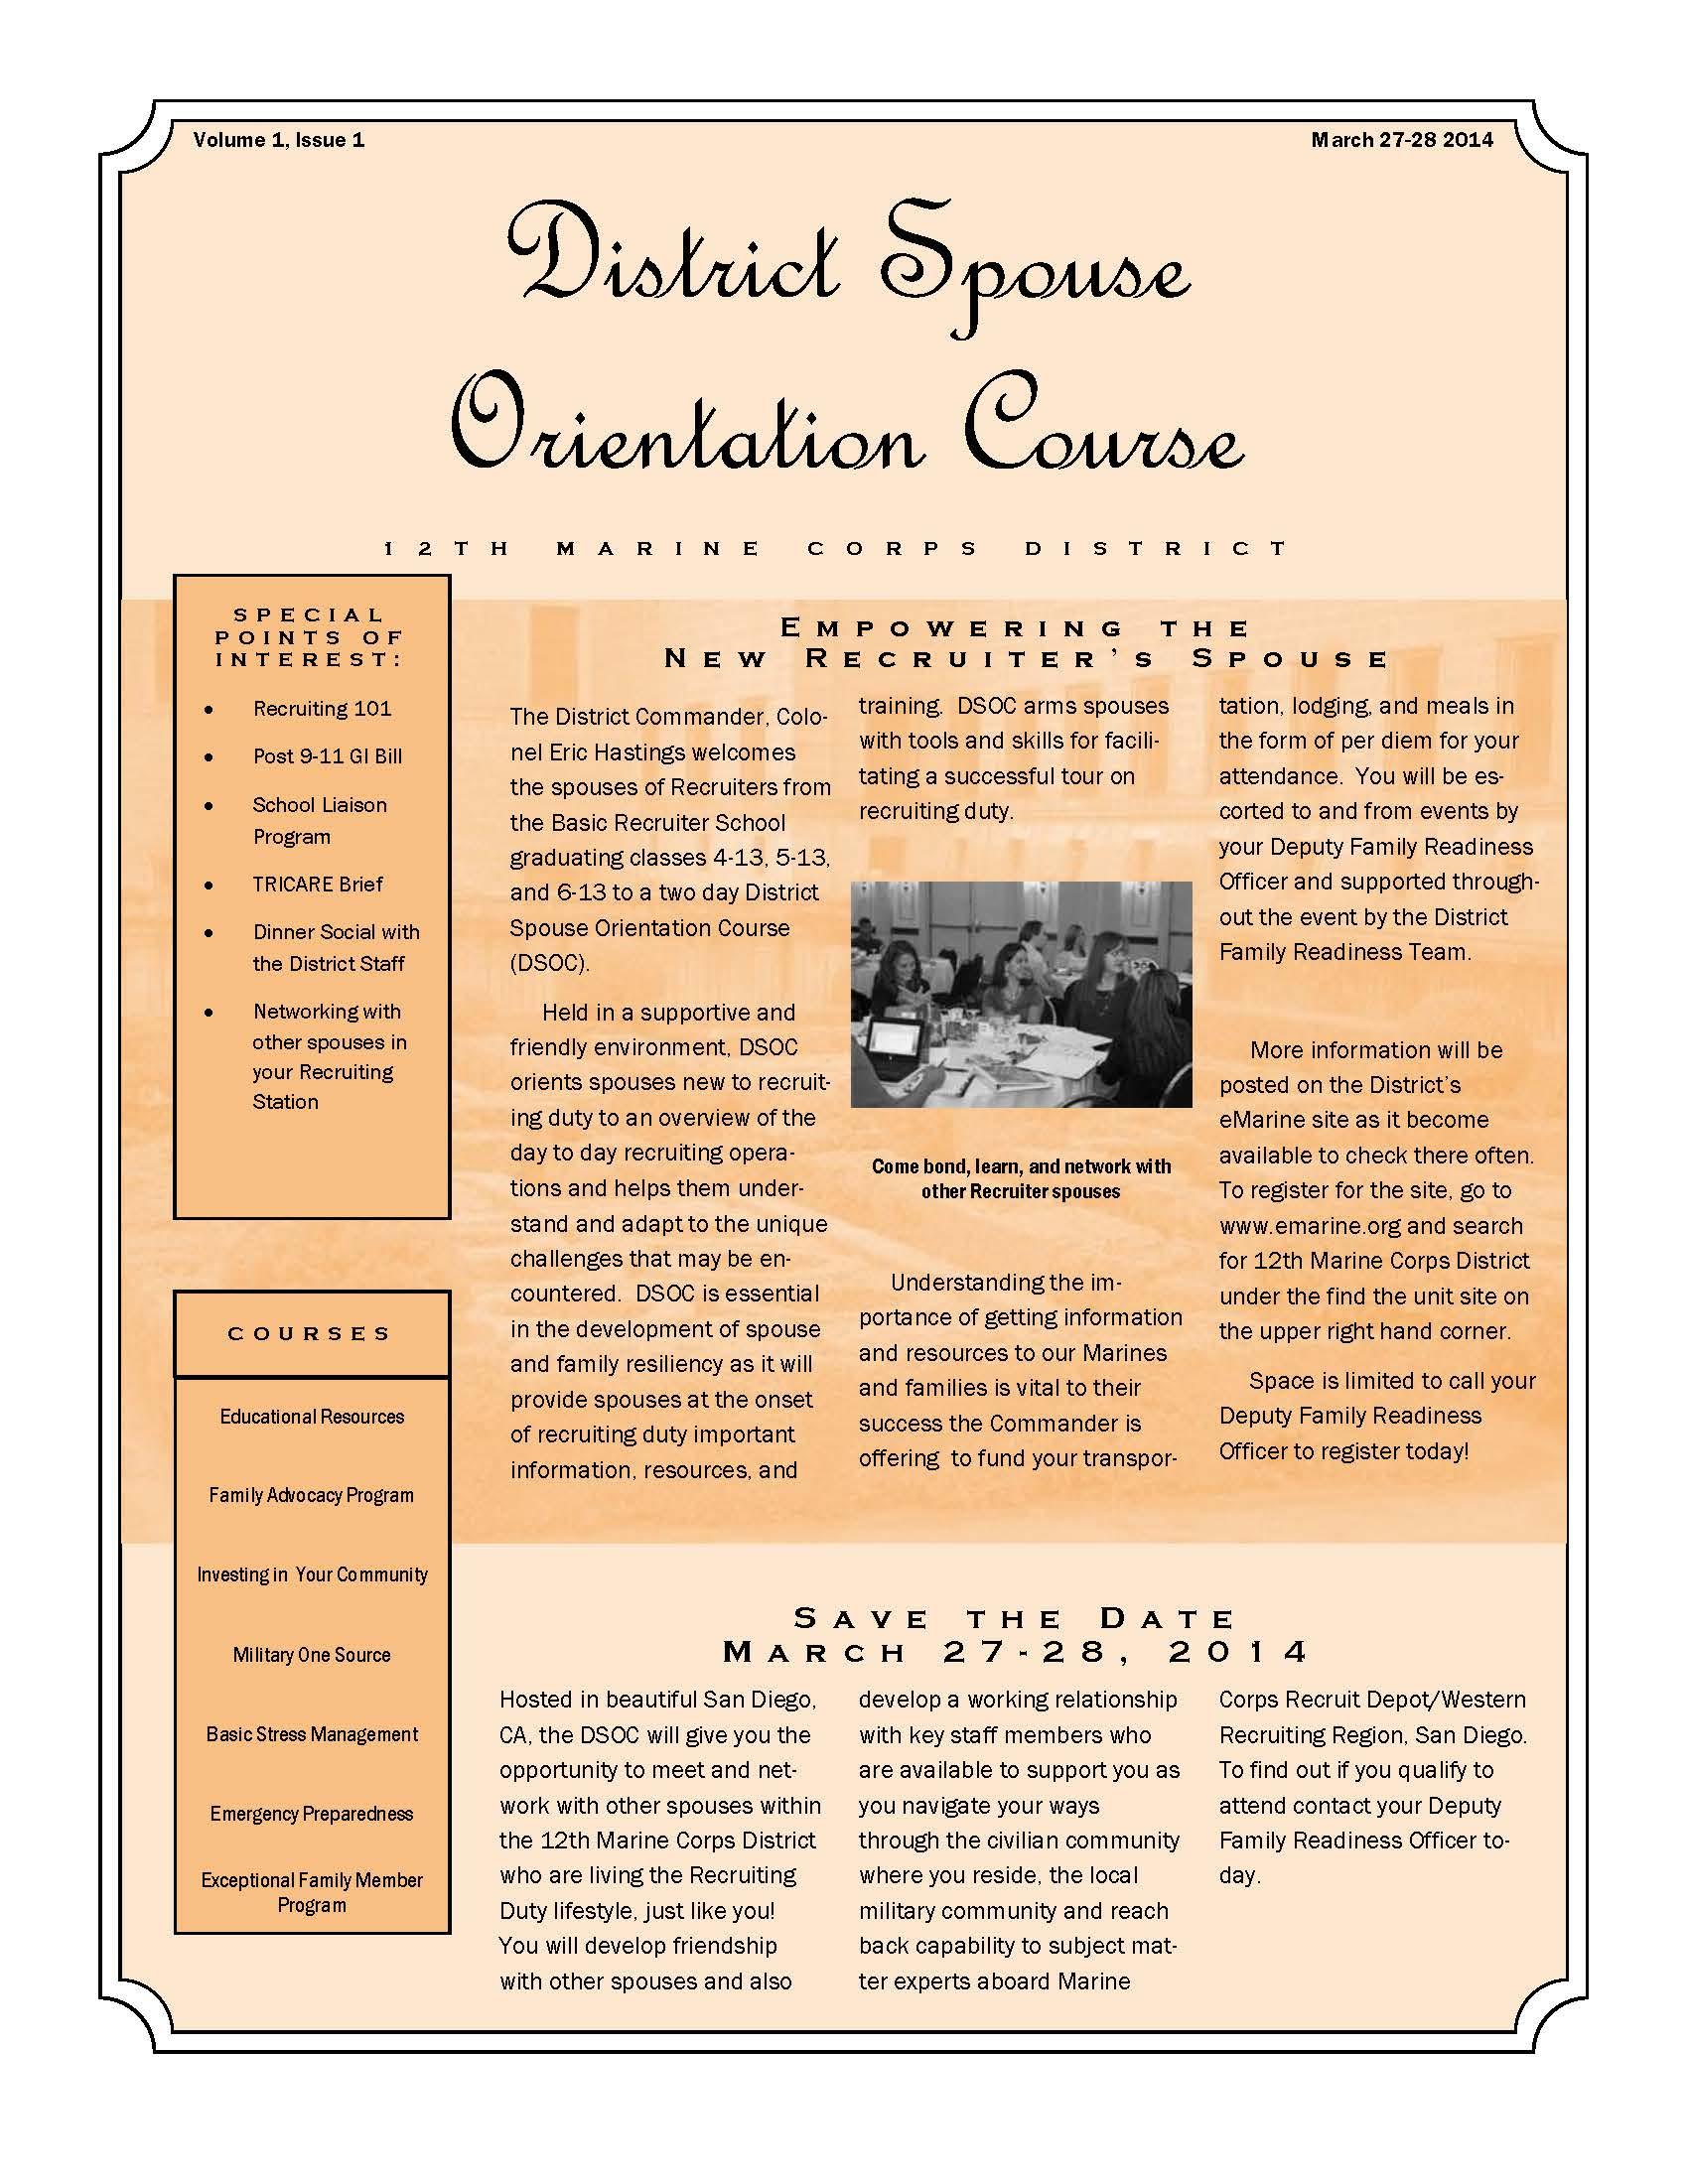 District Spouse Orientation Course